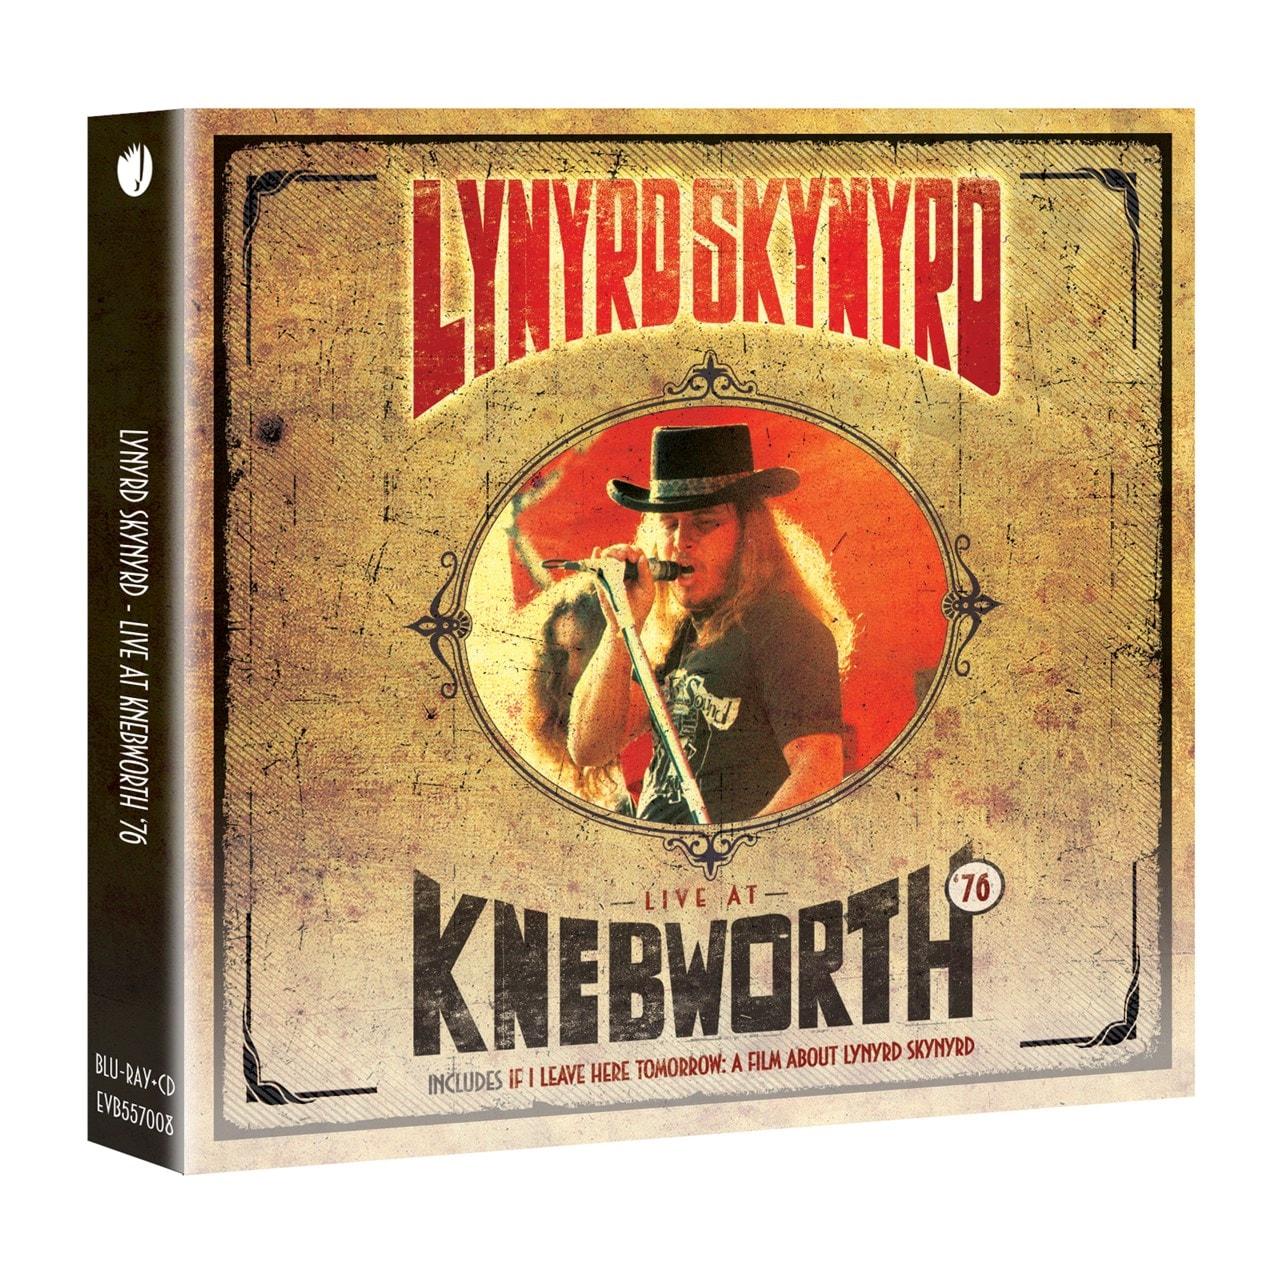 Lynyrd Skynyrd: Live at Knebworth '76 - 1